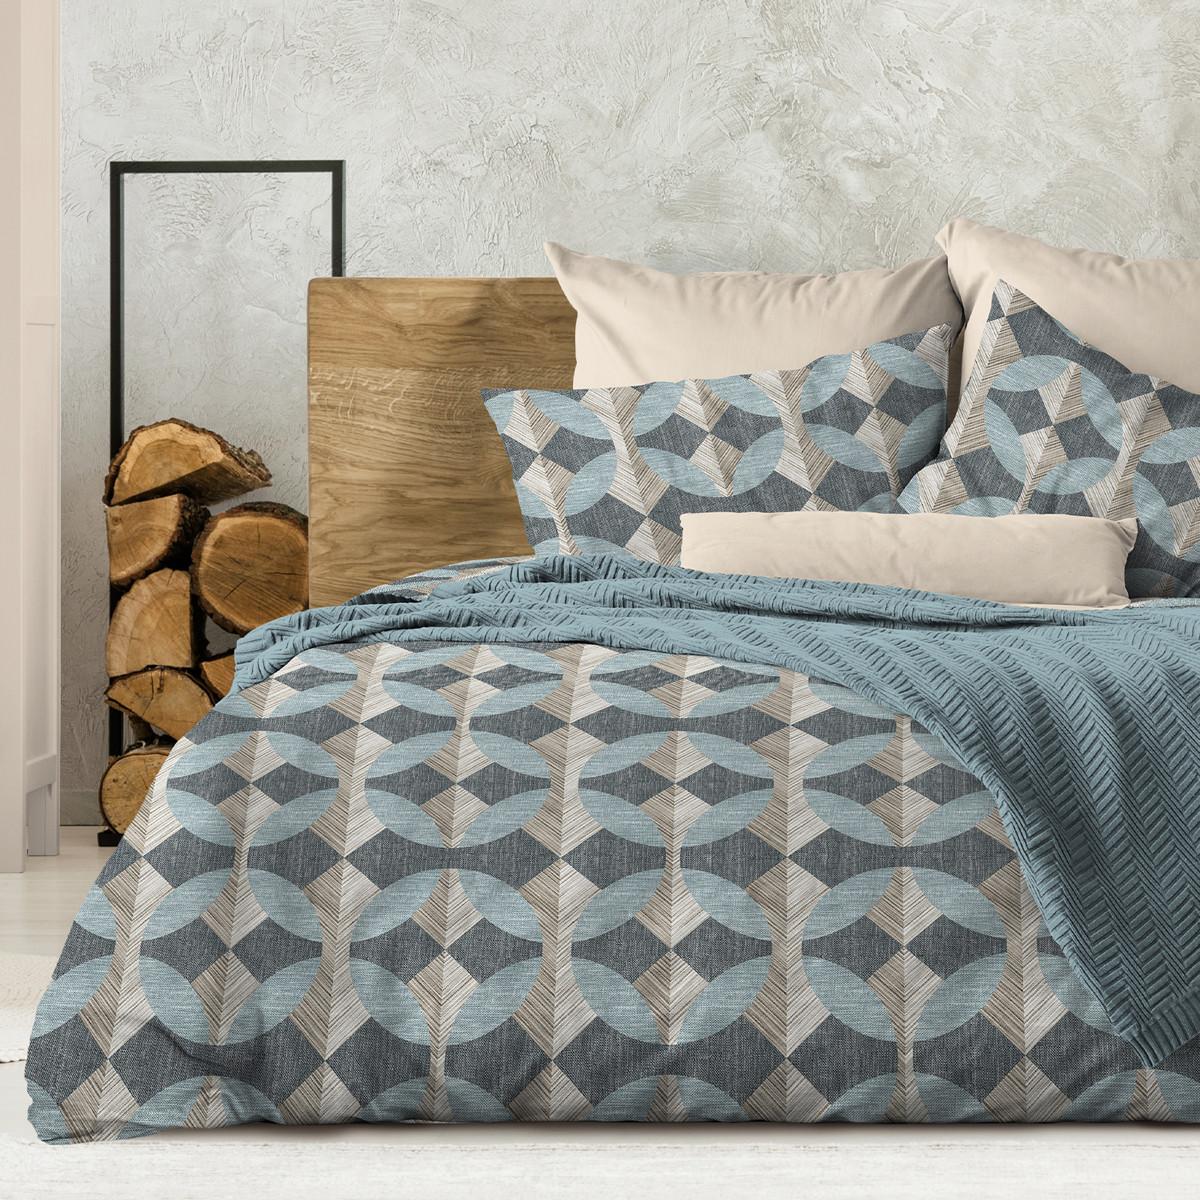 Wenge Комплект постельного белья Montana,  WENGE, 2 спальный евро (наволочки 70х70),